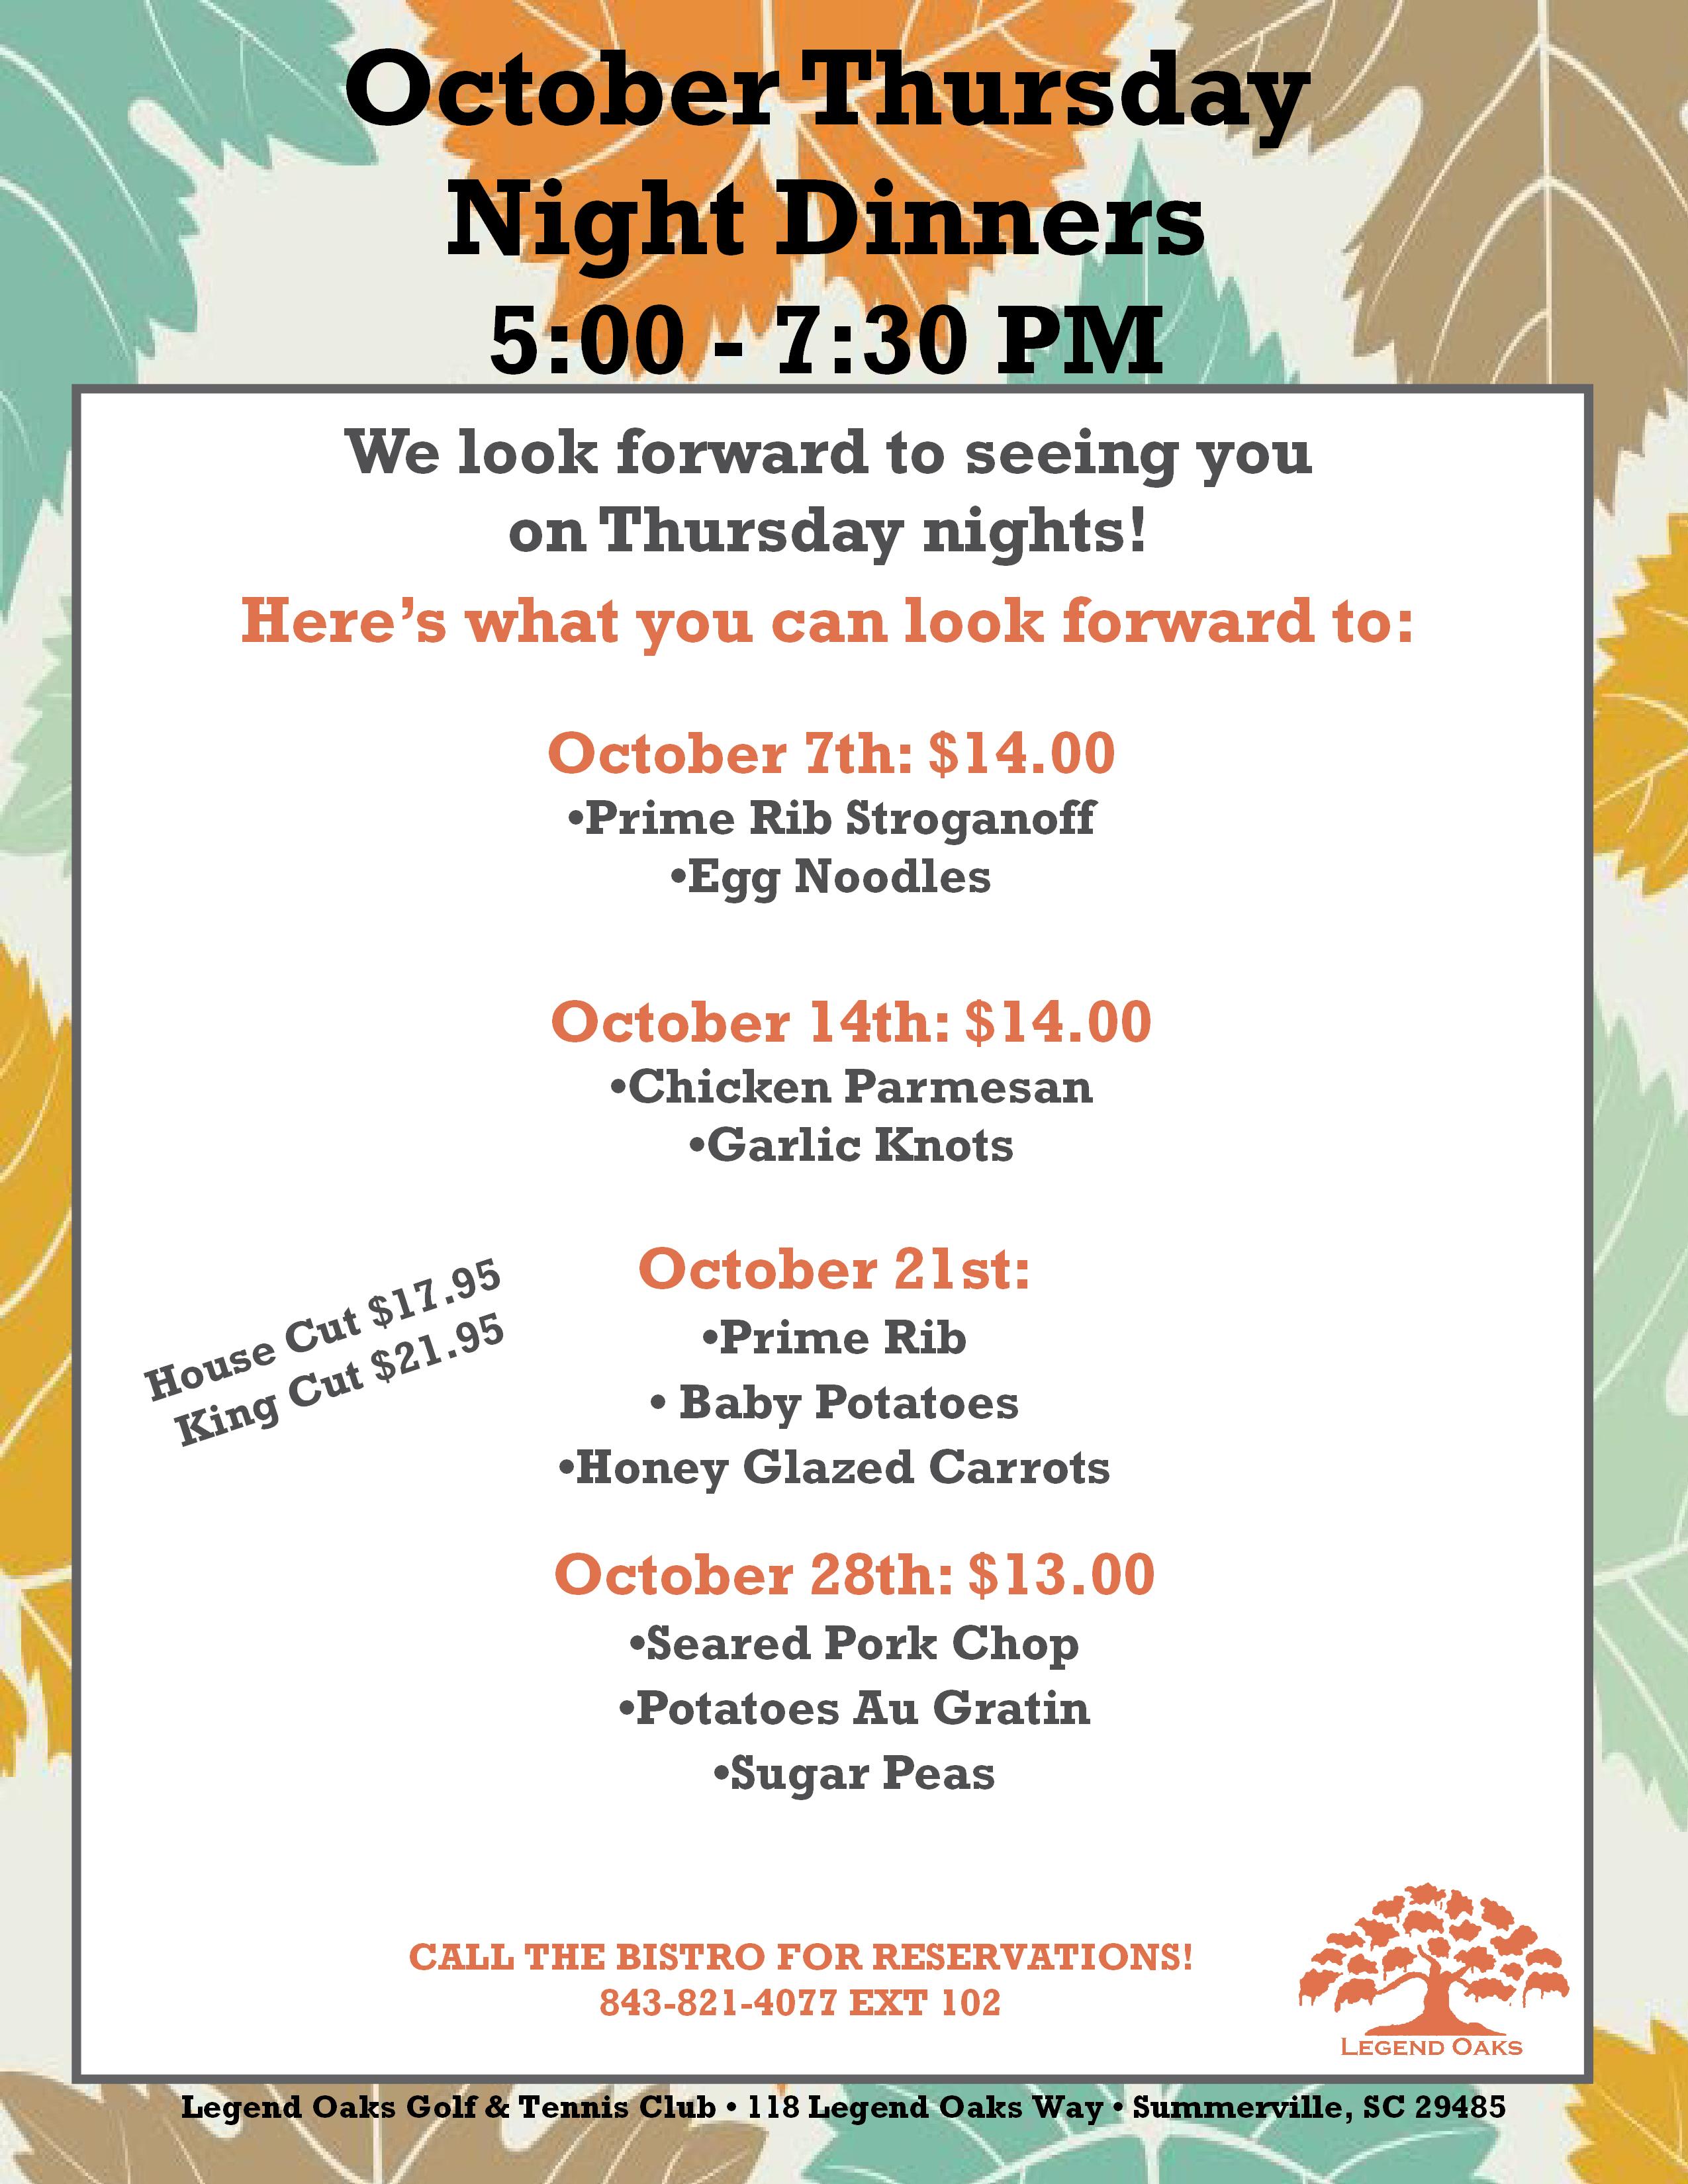 October Thursday night dinners